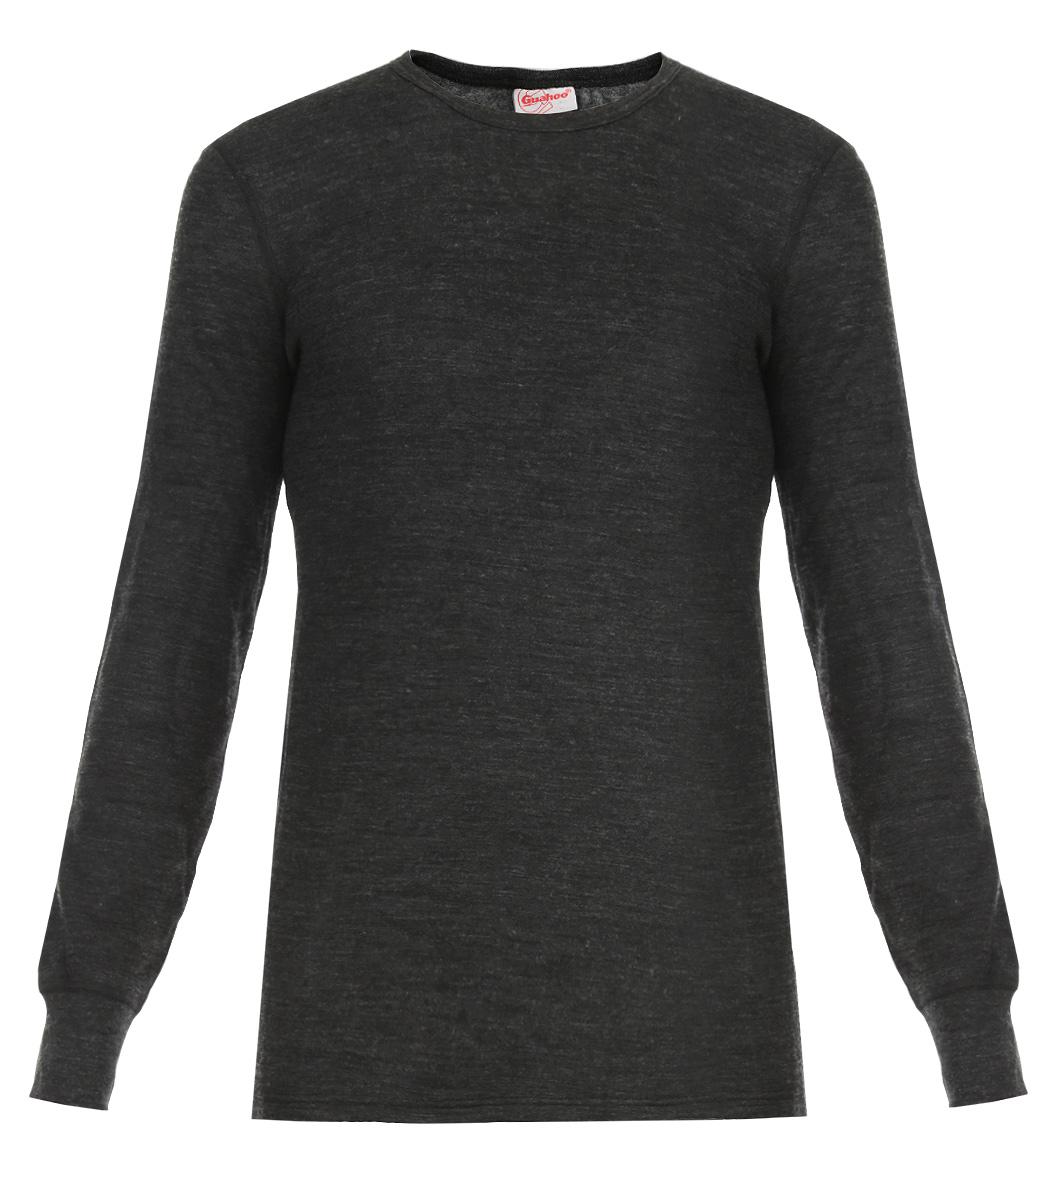 Термобелье футболка с длинным рукавом мужская Guahoo Everyday, цвет: темно-серый. 21-0460-S. Размер M (50)21-0460-SДвухслойная мужская футболка с длинным рукавом Guahoo Everyday подходит для повседневной носки в холодную погоду. Идеальное сочетание различных видов пряжи с добавлением натуральной шерсти во внешнем слое, а также специальное плетение обеспечивают эффективное сохранение тепла. Внутренний слой полотна - из мягкой акриловой пряжи, которая по своим теплосберегающим свойствам не уступает шерсти. Начес на внутренней стороне полотна лучше сохраняет тепло за счет дополнительной воздушной прослойки.Футболка с длинными рукавами и круглым вырезом горловины оформлена небольшой нашивкой с названием бренда. Рукава дополнены широкими трикотажными манжетами.Рекомендуемый температурный режим от -20°С до -40°С.